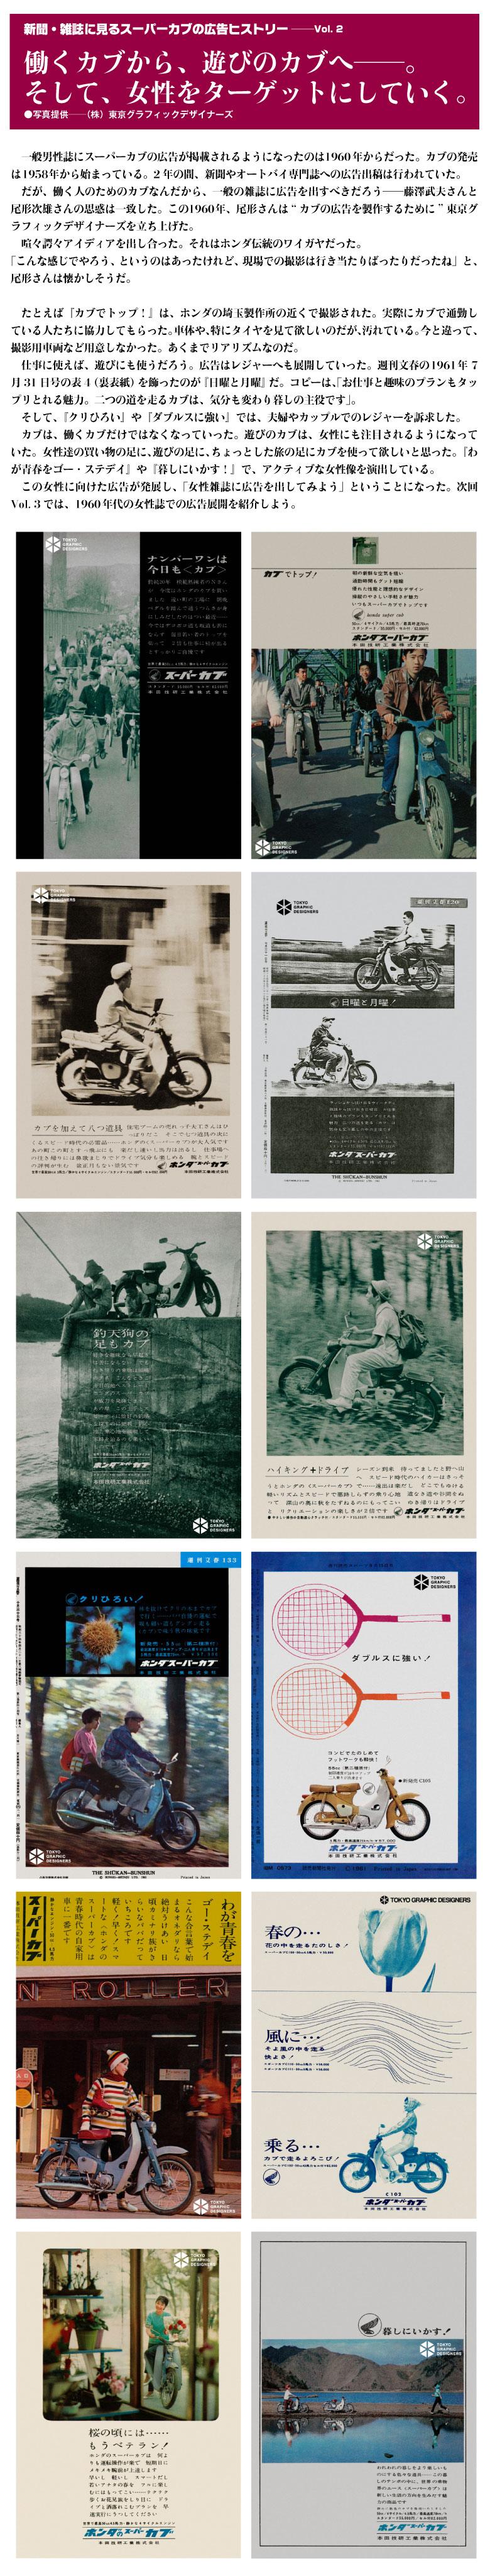 新聞・雑誌に見るスーパーカブの広告ヒストリー2